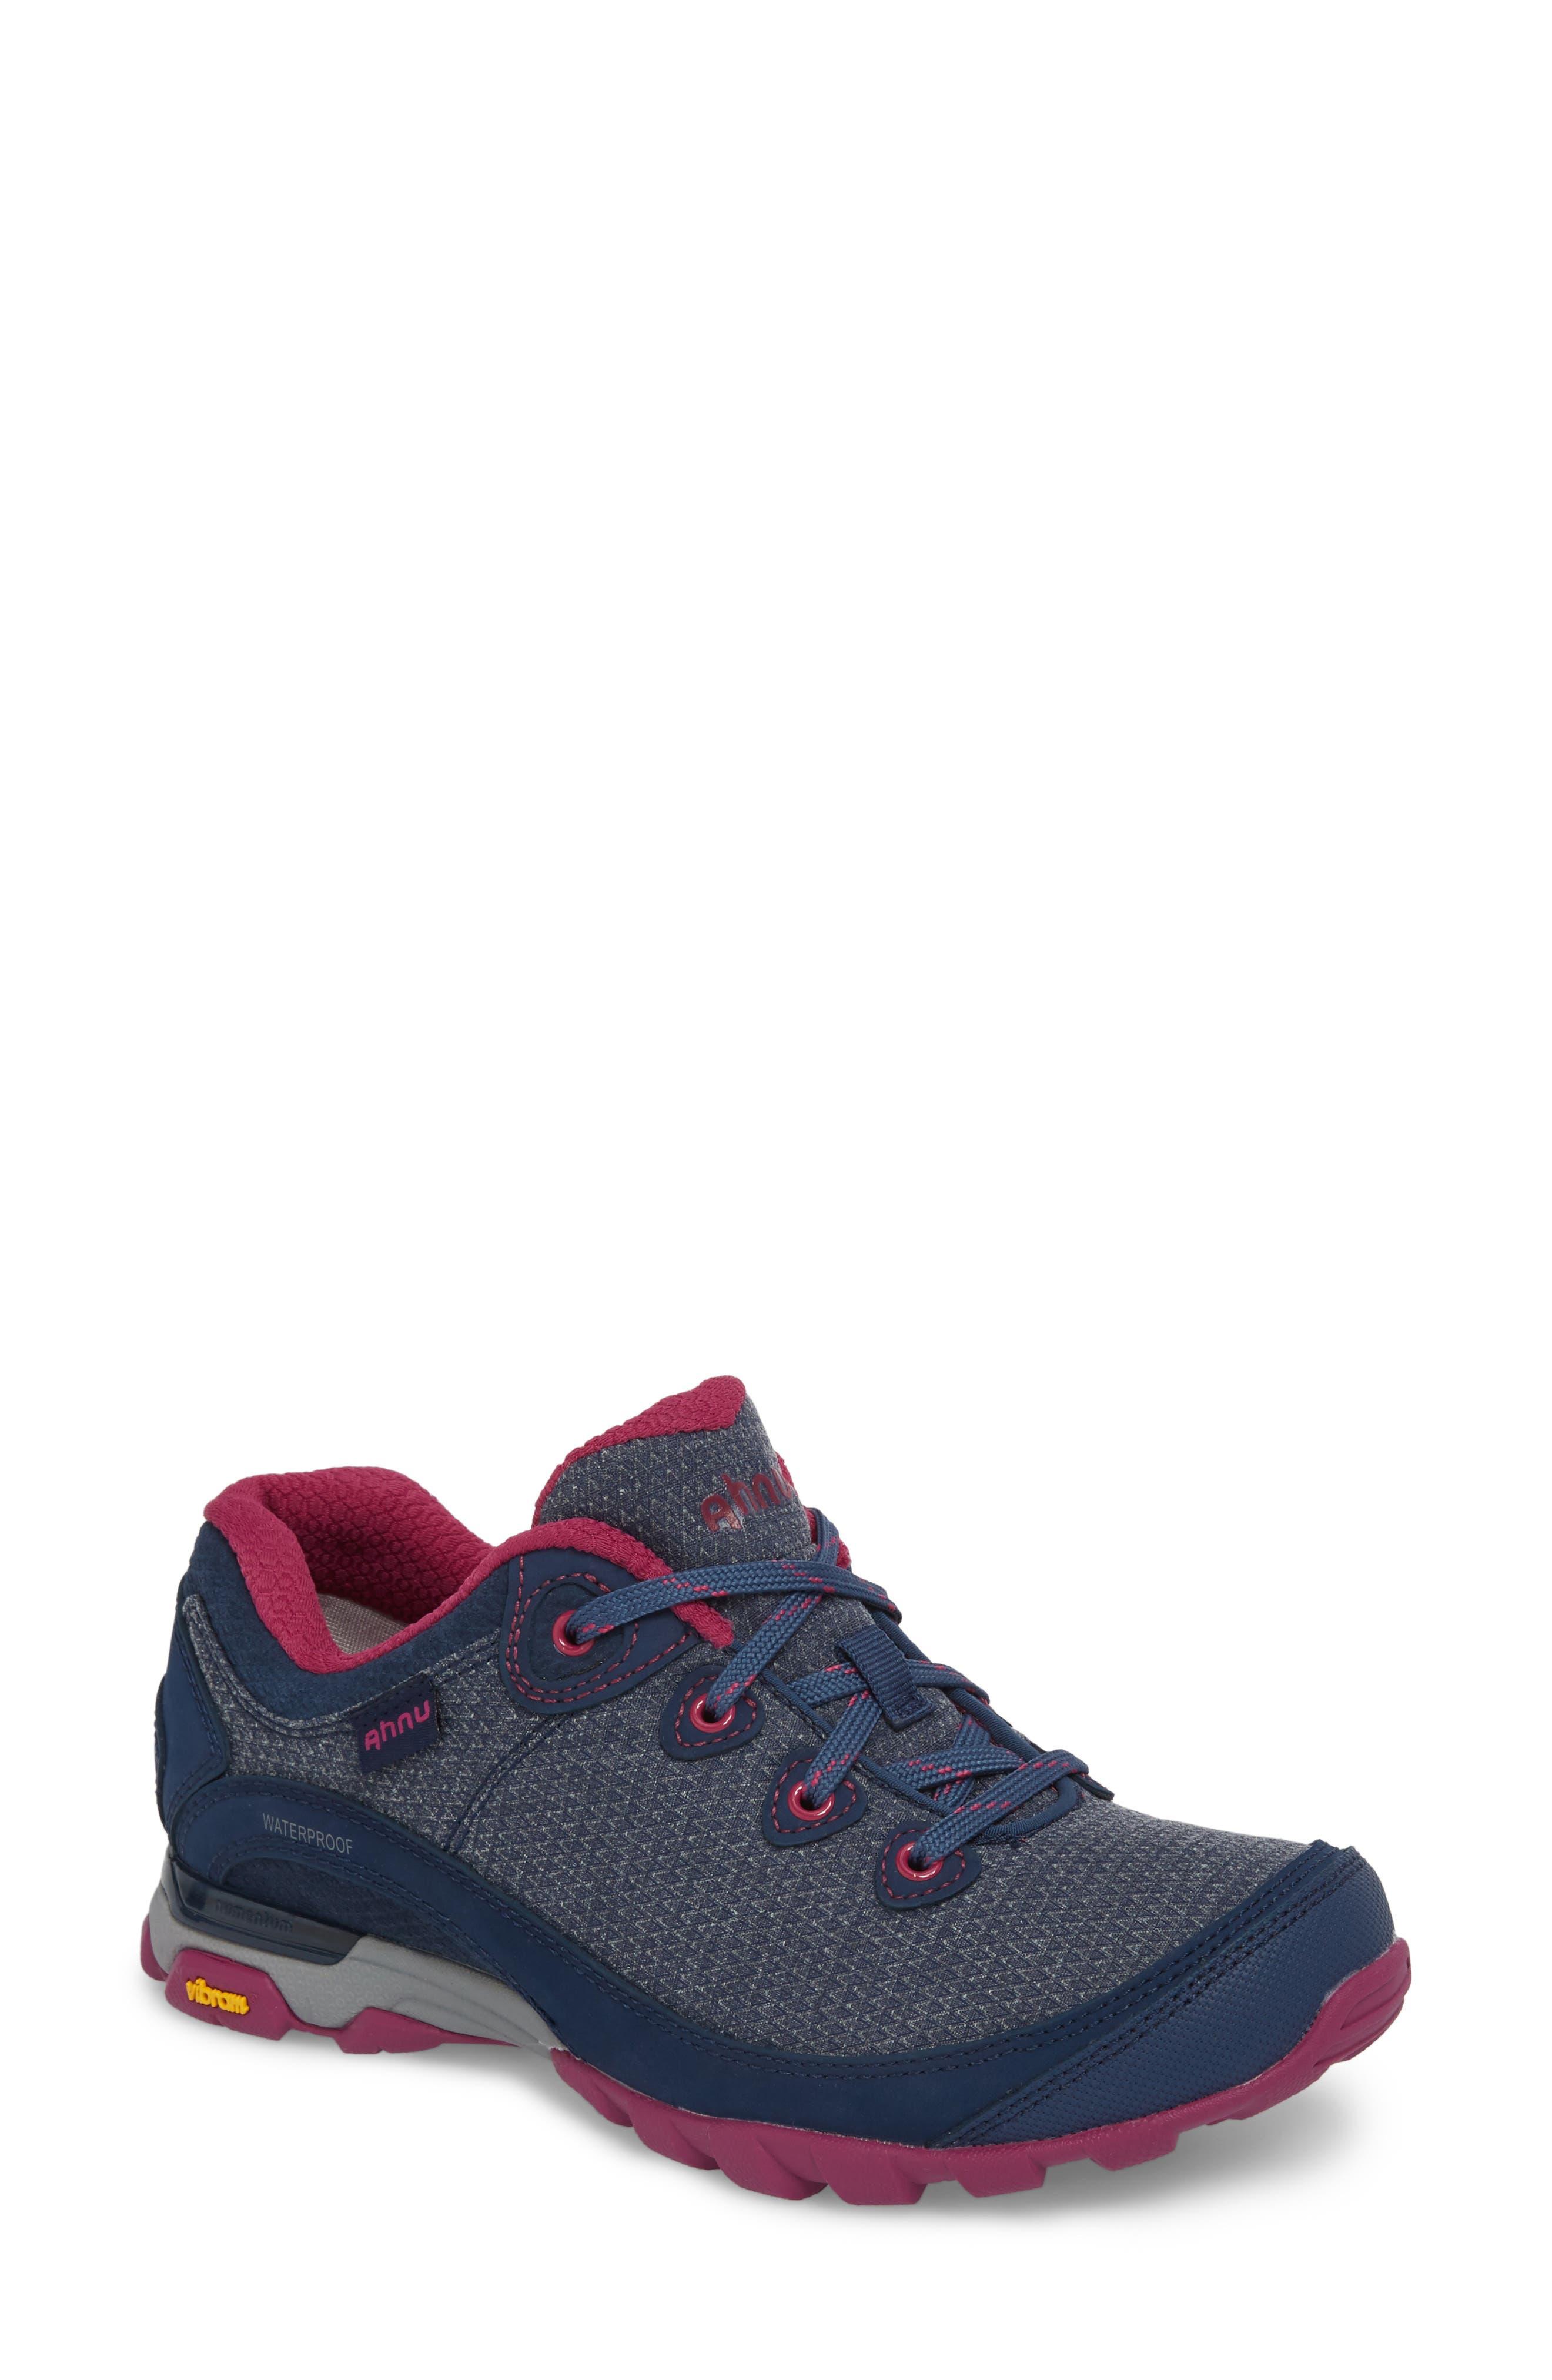 Ahnu by Teva Sugarpine II Waterproof Hiking Sneaker,                         Main,                         color, INSIGNIA BLUE